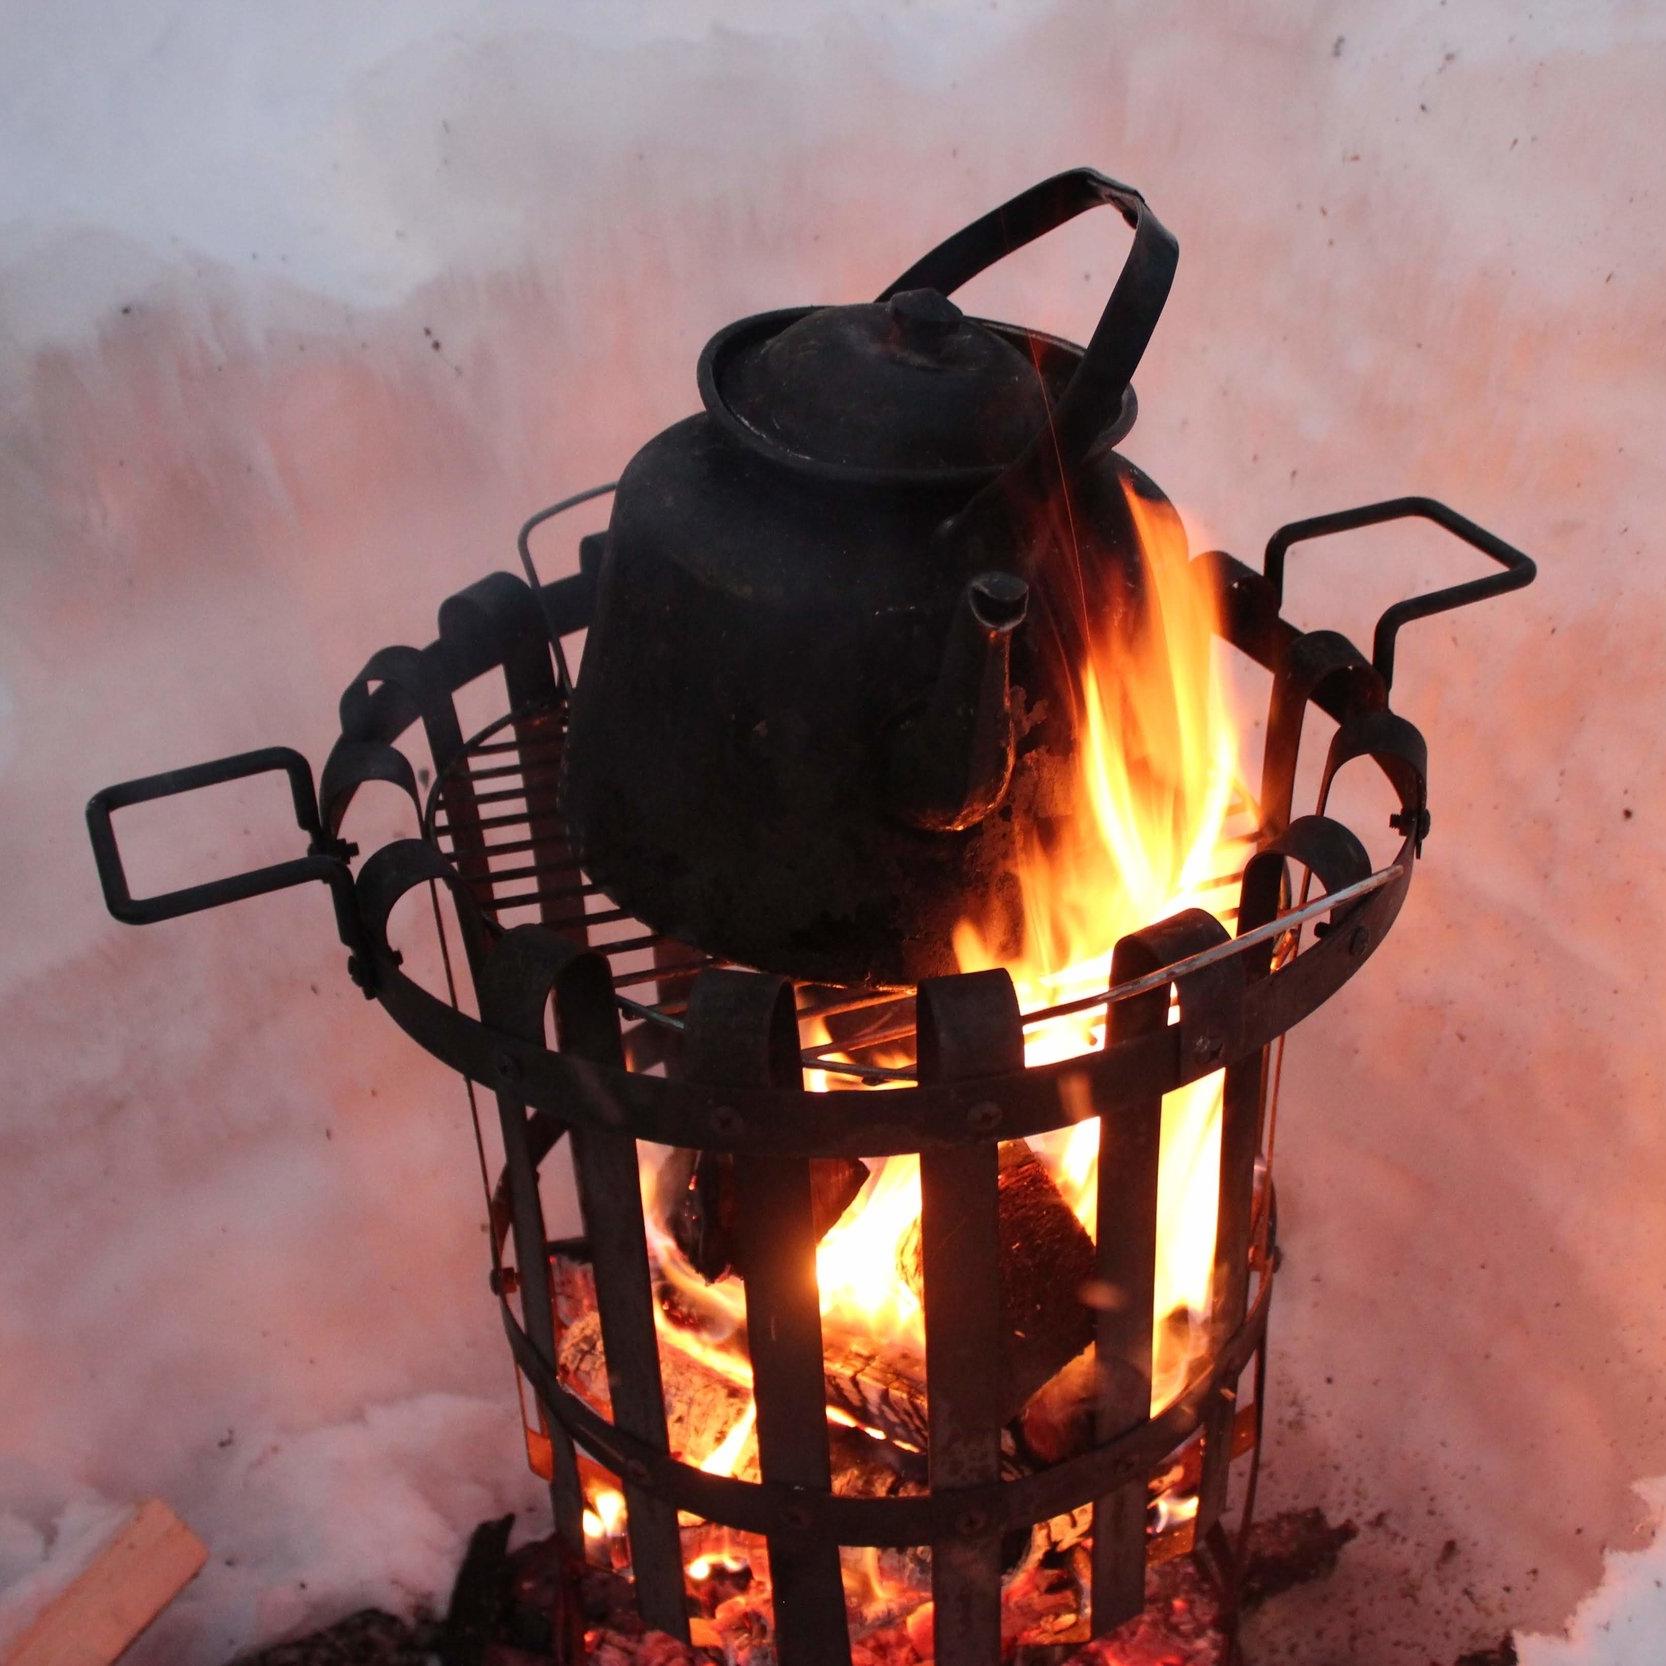 På flera platser i stan brinner eldar under vinterdagarna. Så att du kan stanna till och värma händerna, eller njuta av en kaffe.